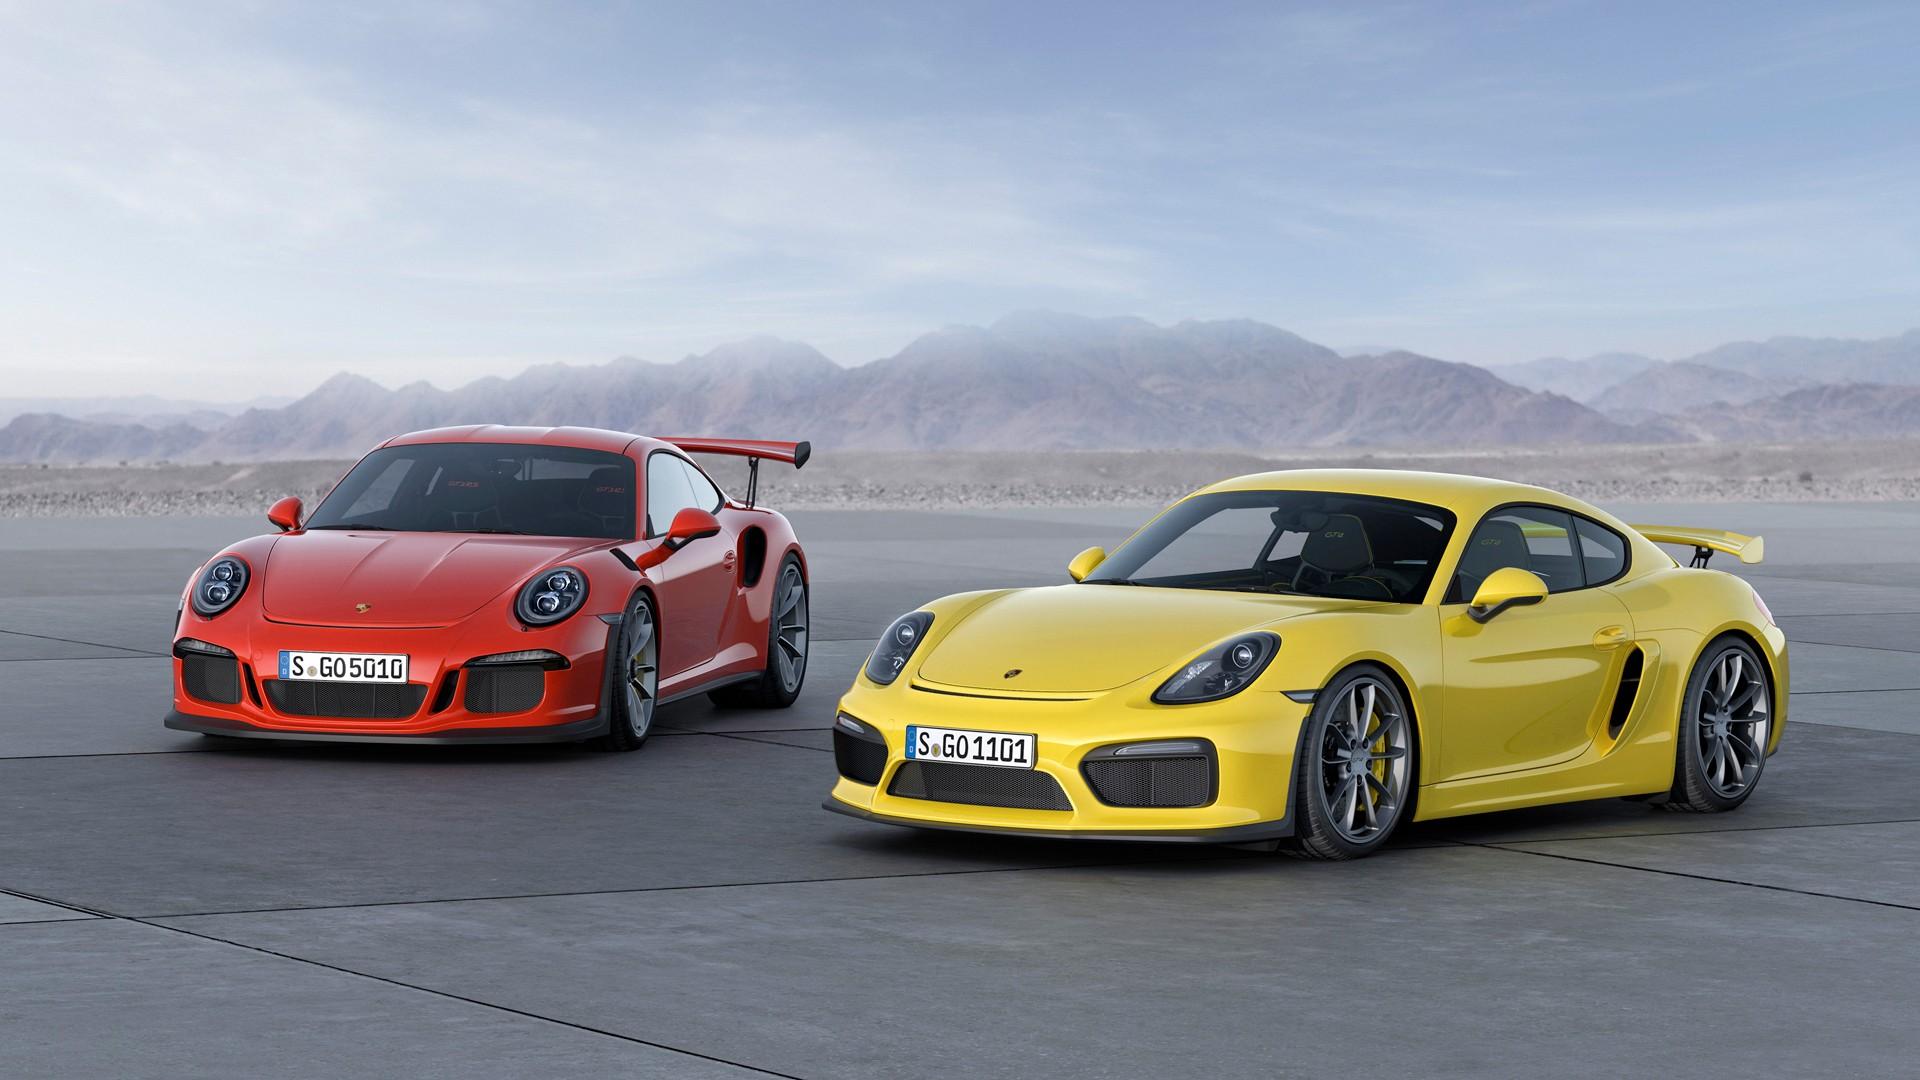 Wallpaper 1920x1080 Px Car Porsche 911 Gt3 Rs Porsche Cayman